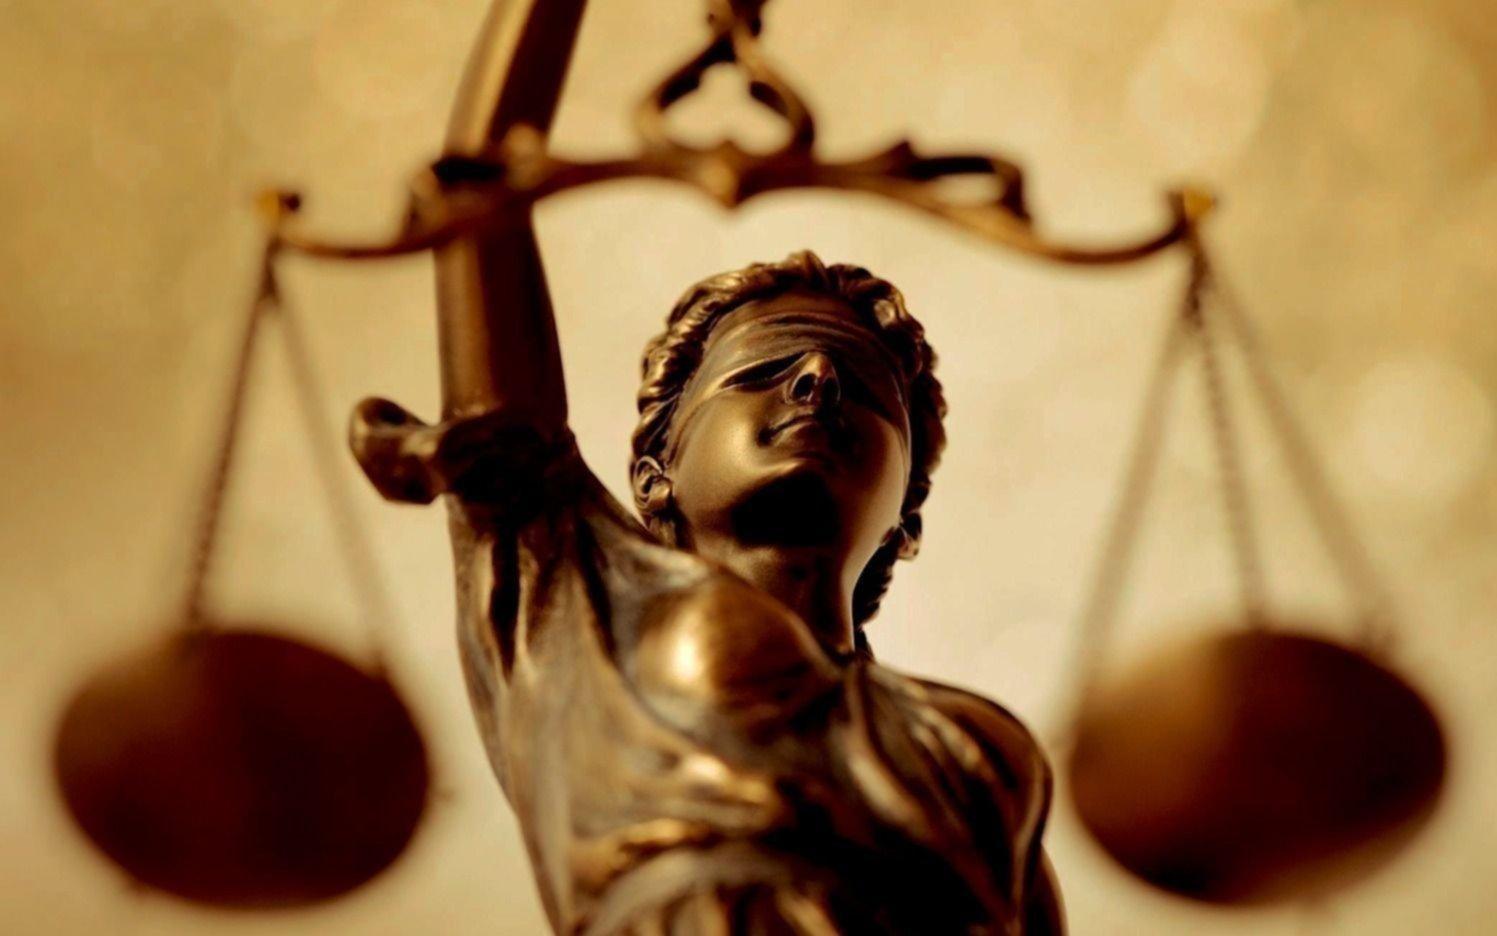 No se deben tolerar las intimidaciones contra quienes imparten justicia